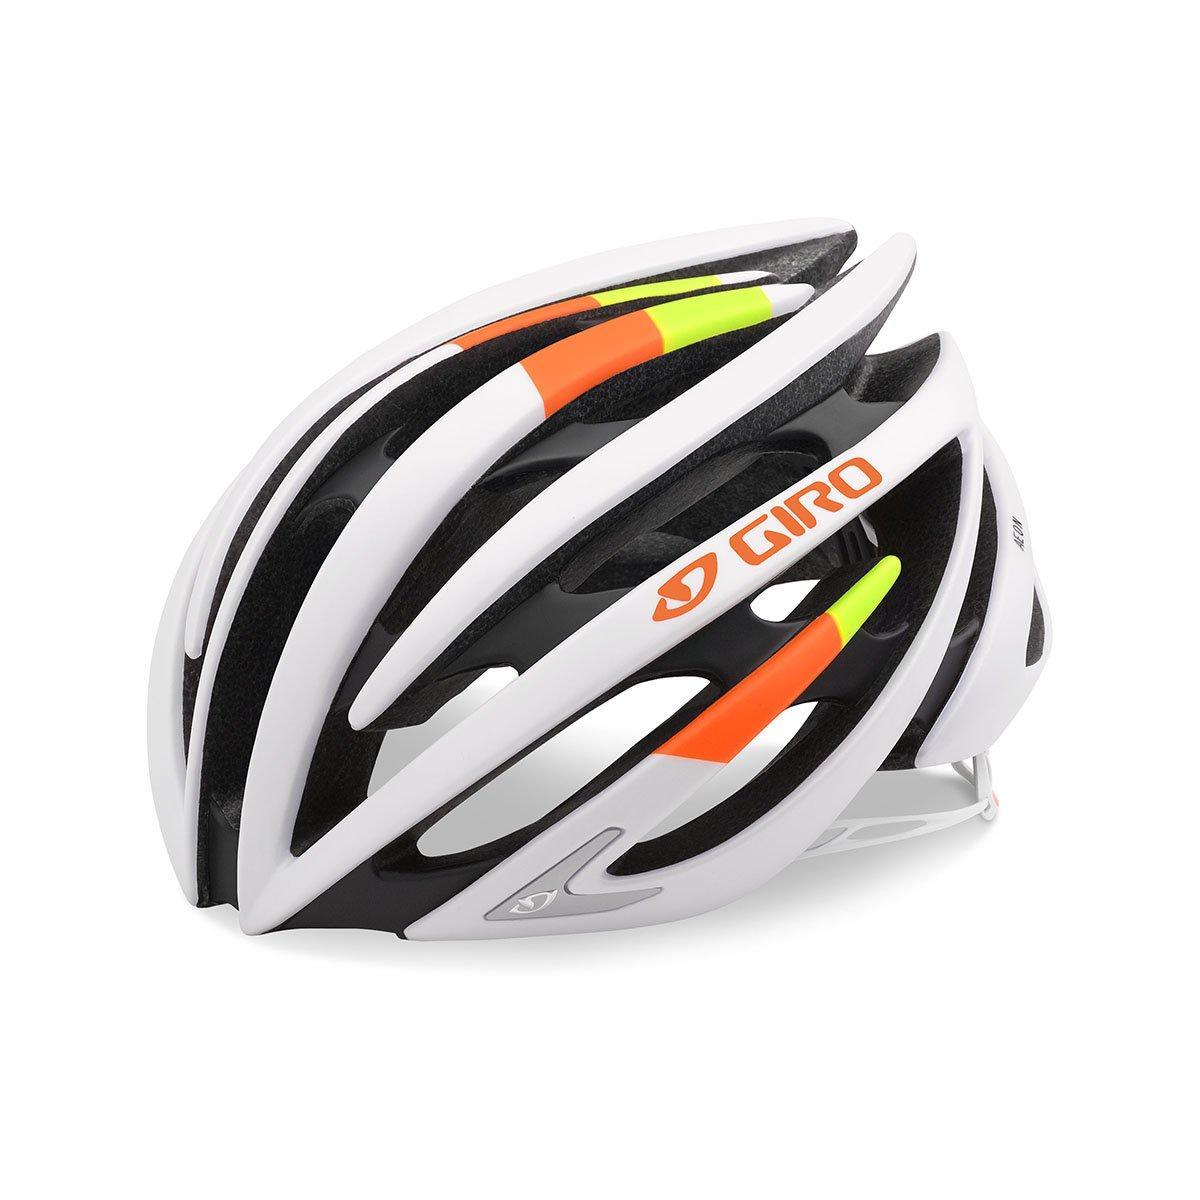 Giro Aeon Road Helmet Matte White Lime Flame, Small